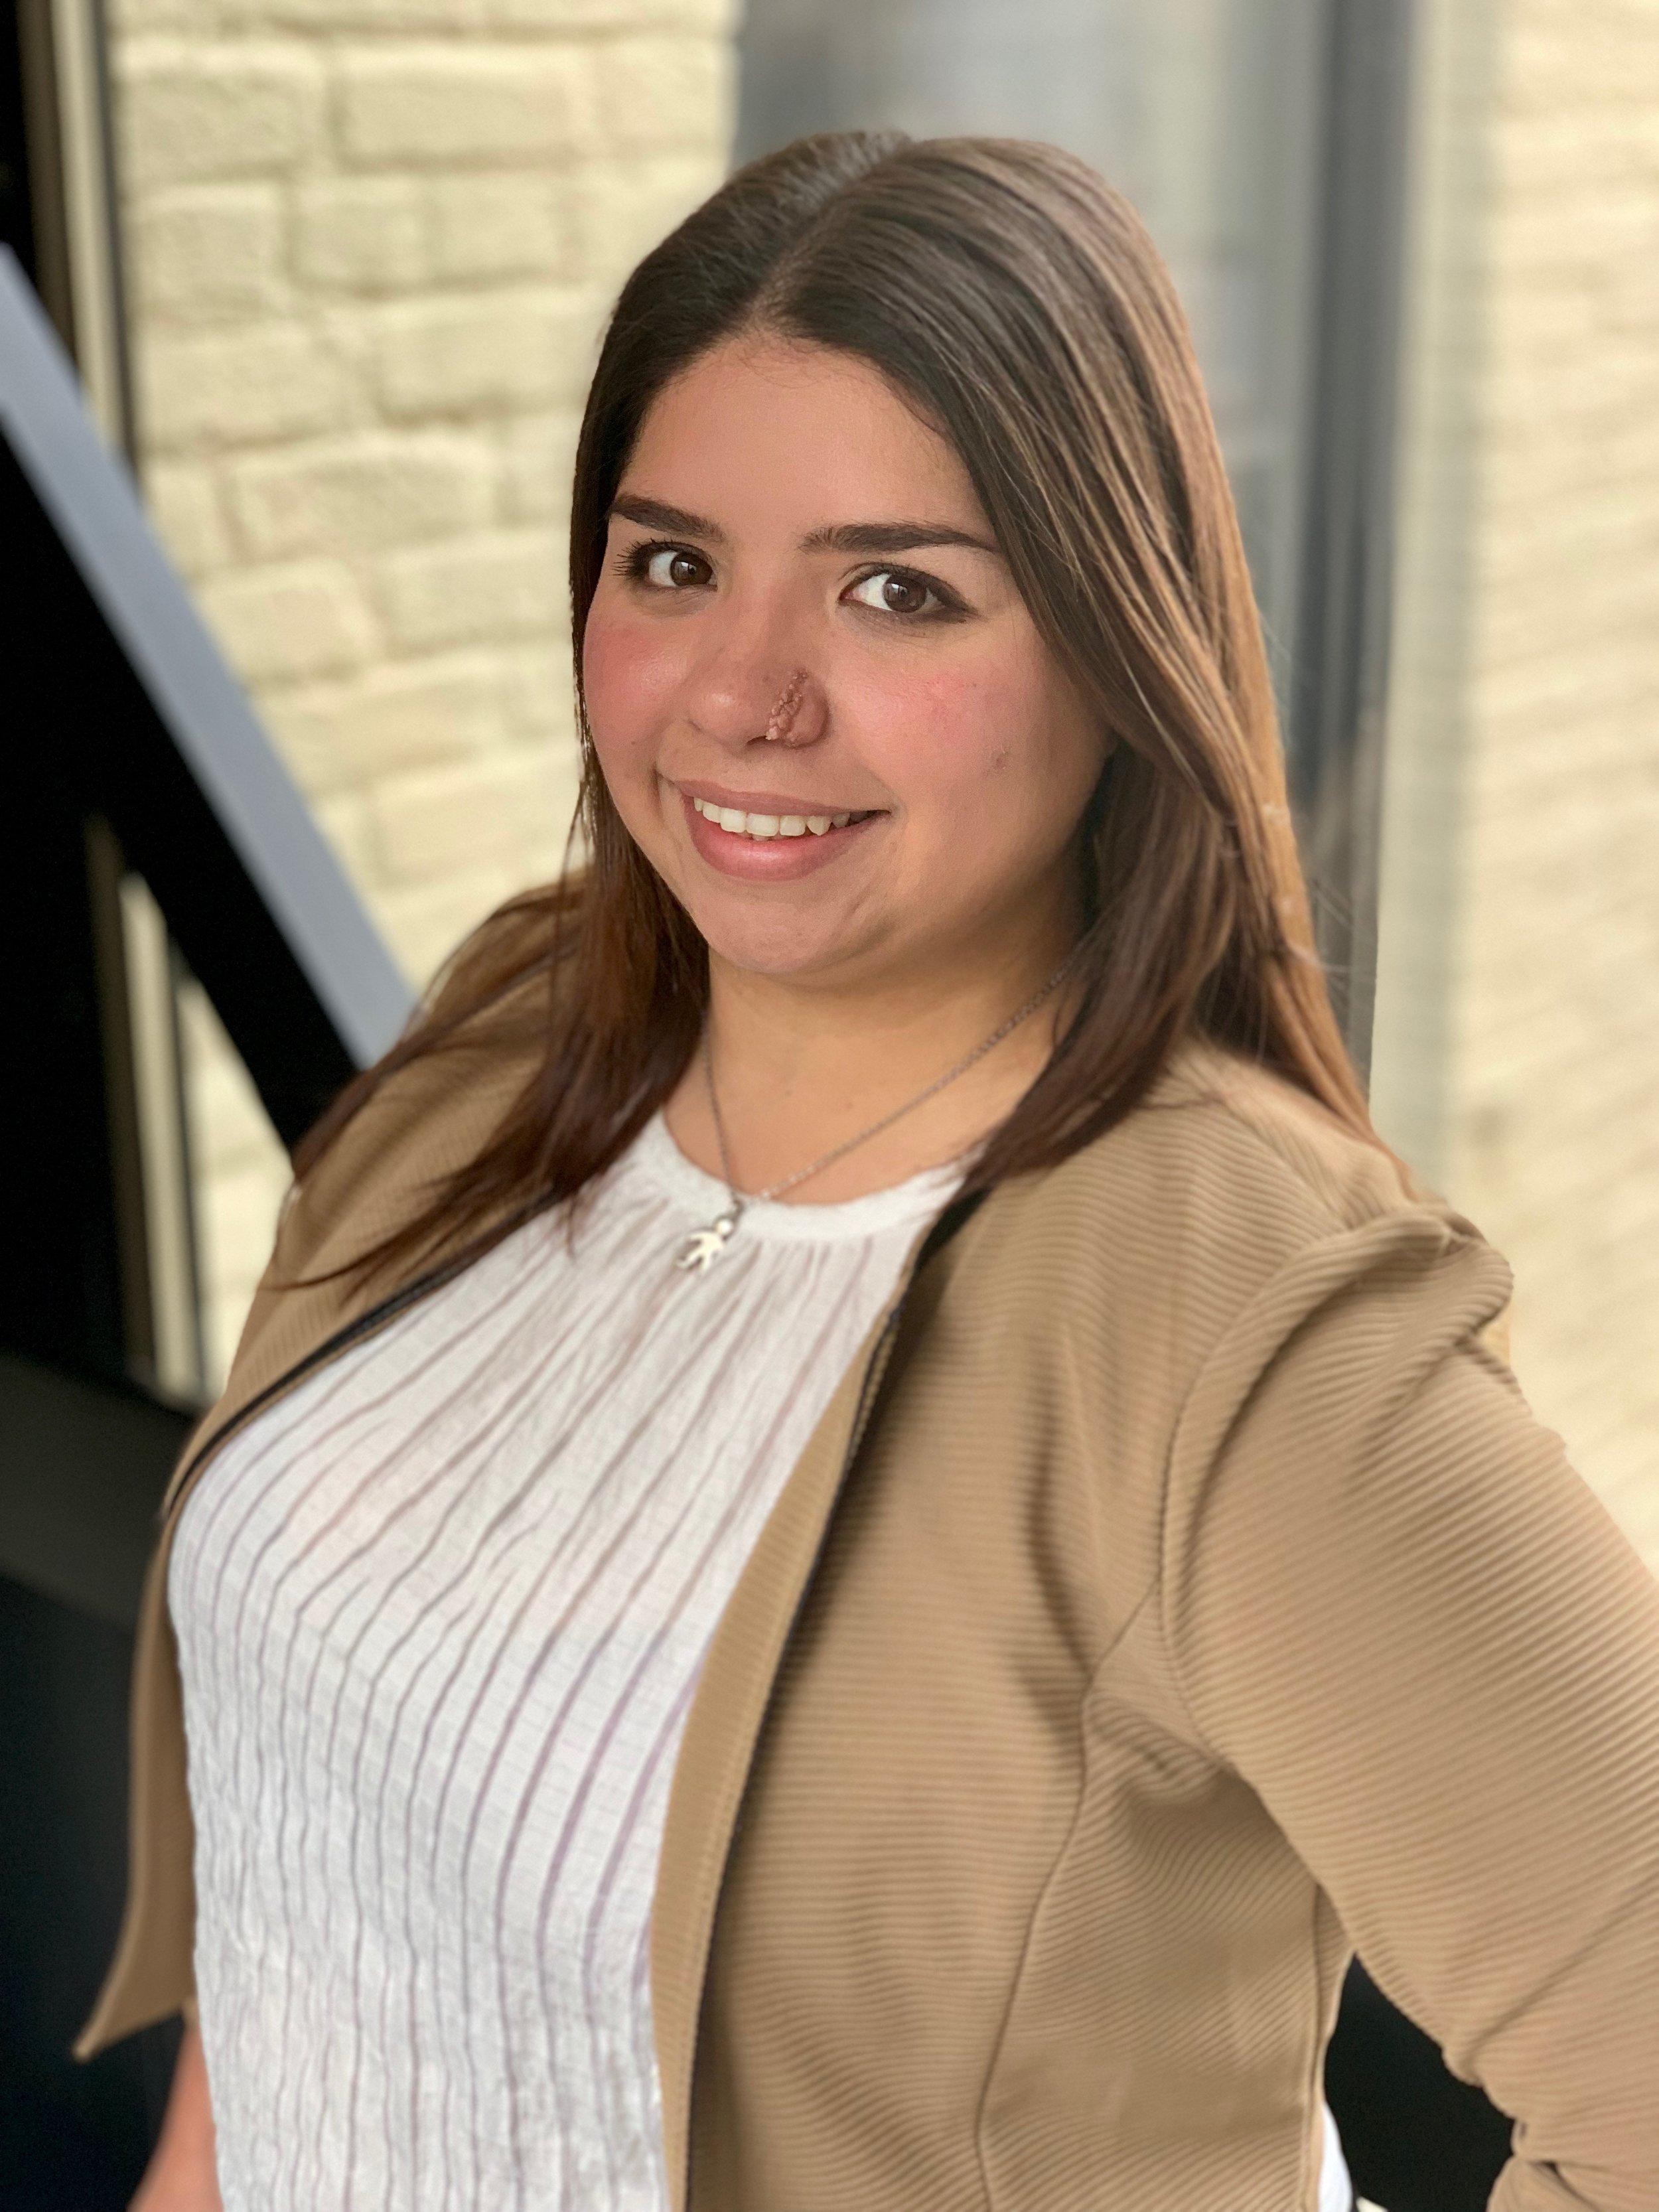 AshleyRivera - Payroll, HR